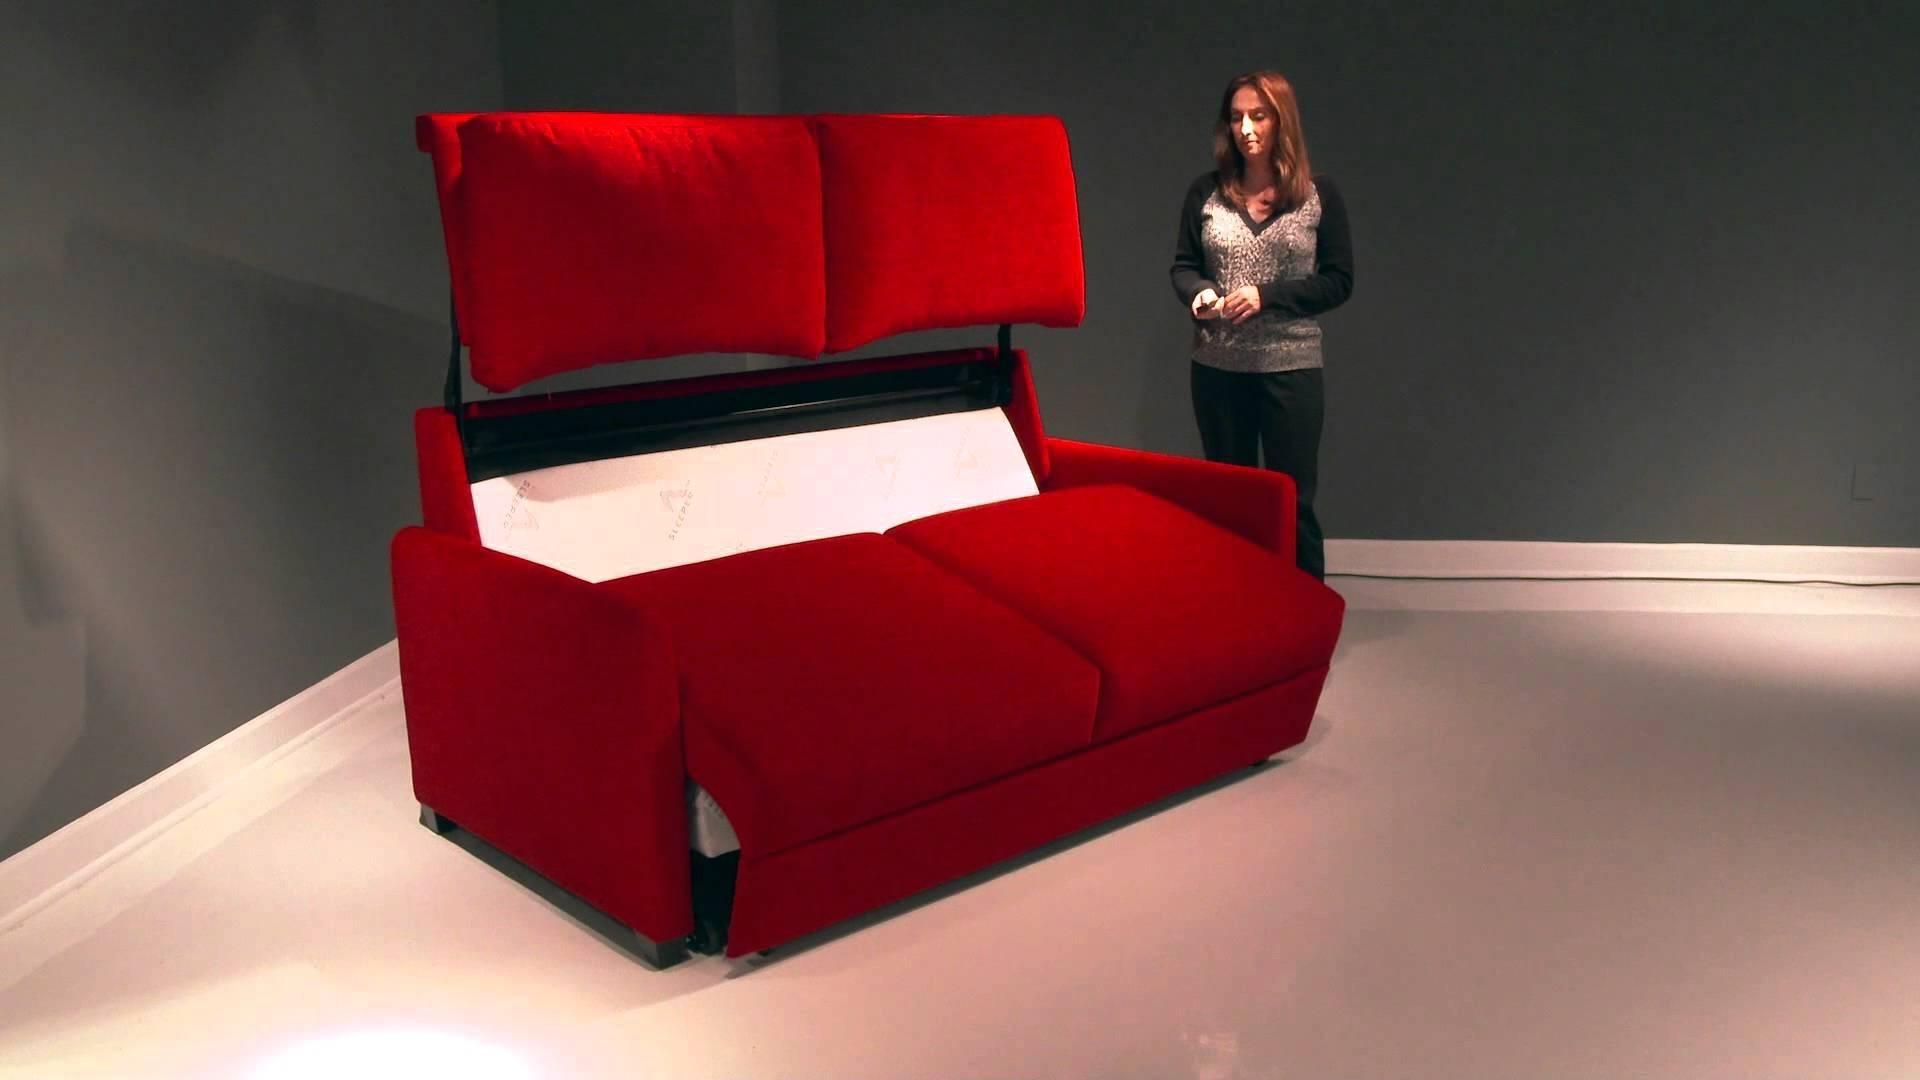 Paragon Power Sleeper Sofas San Diego – Youtube Throughout Sleeper Sofas San Diego (Image 10 of 20)